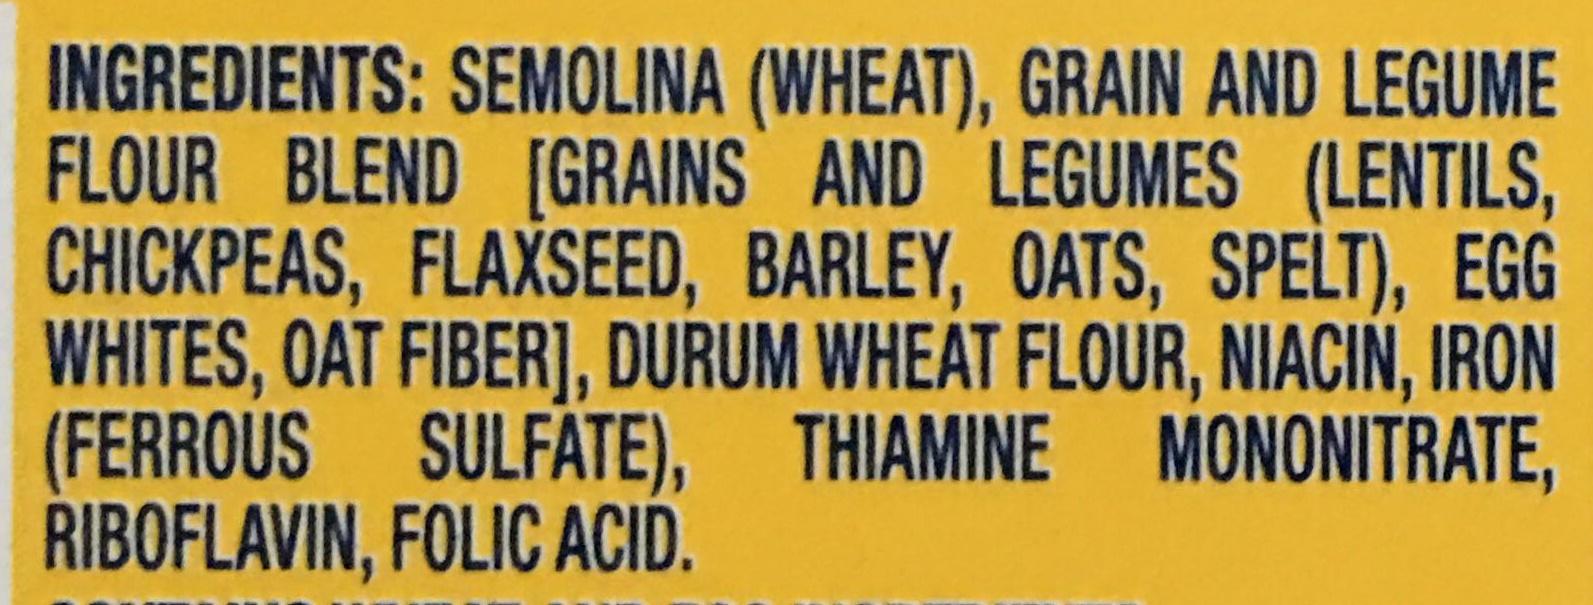 Protein Plus Spaghetti - Ingredients